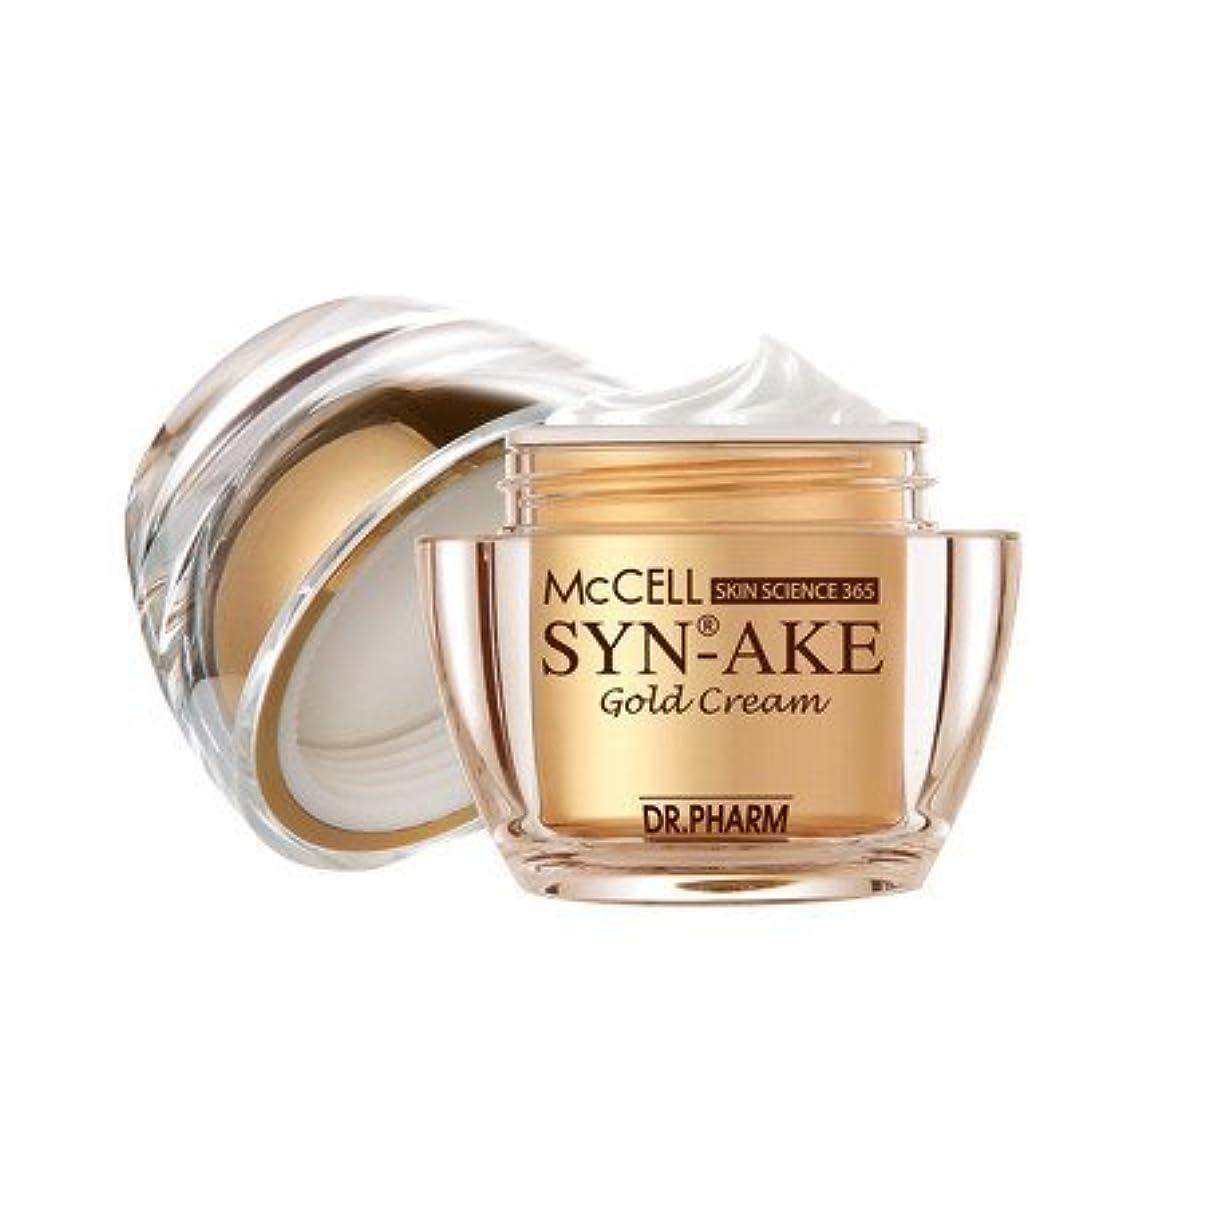 一貫性のない患者旧正月Dr.Pharm マクセルスキンサイエンス365シネイクゴールドクリーム McCELL Synake gold cream